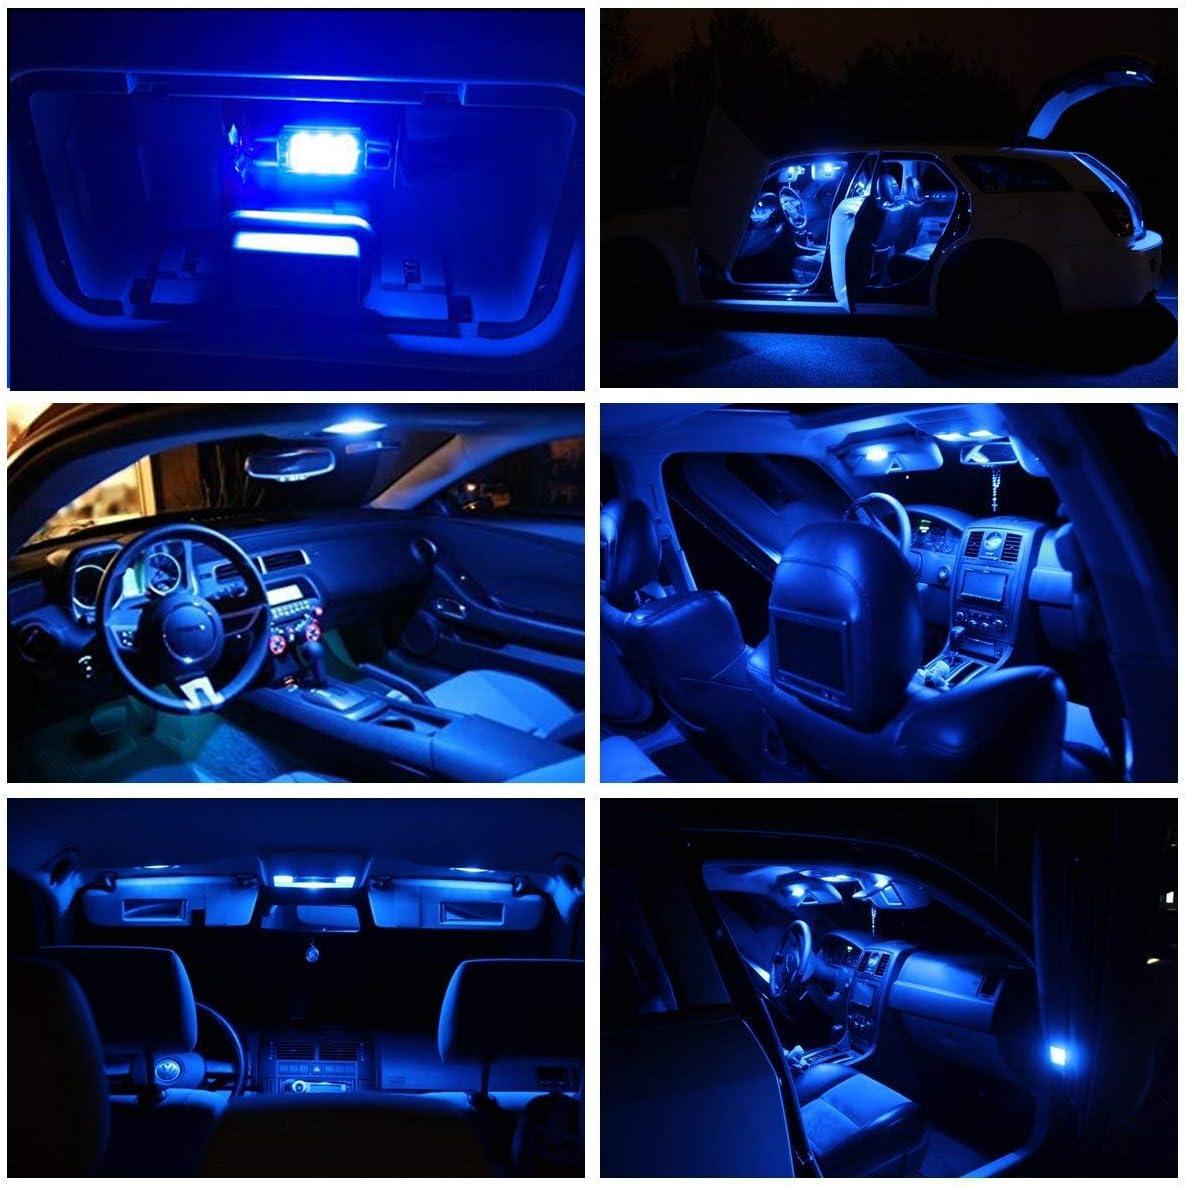 BIOENGIE Lumi/ère int/érieure de voiture LED T10 W5W 194 35mm 41mm Festoon BA9S lumi/ère Canbus sans erreur int/érieur Lampes Bleu, 10PCS